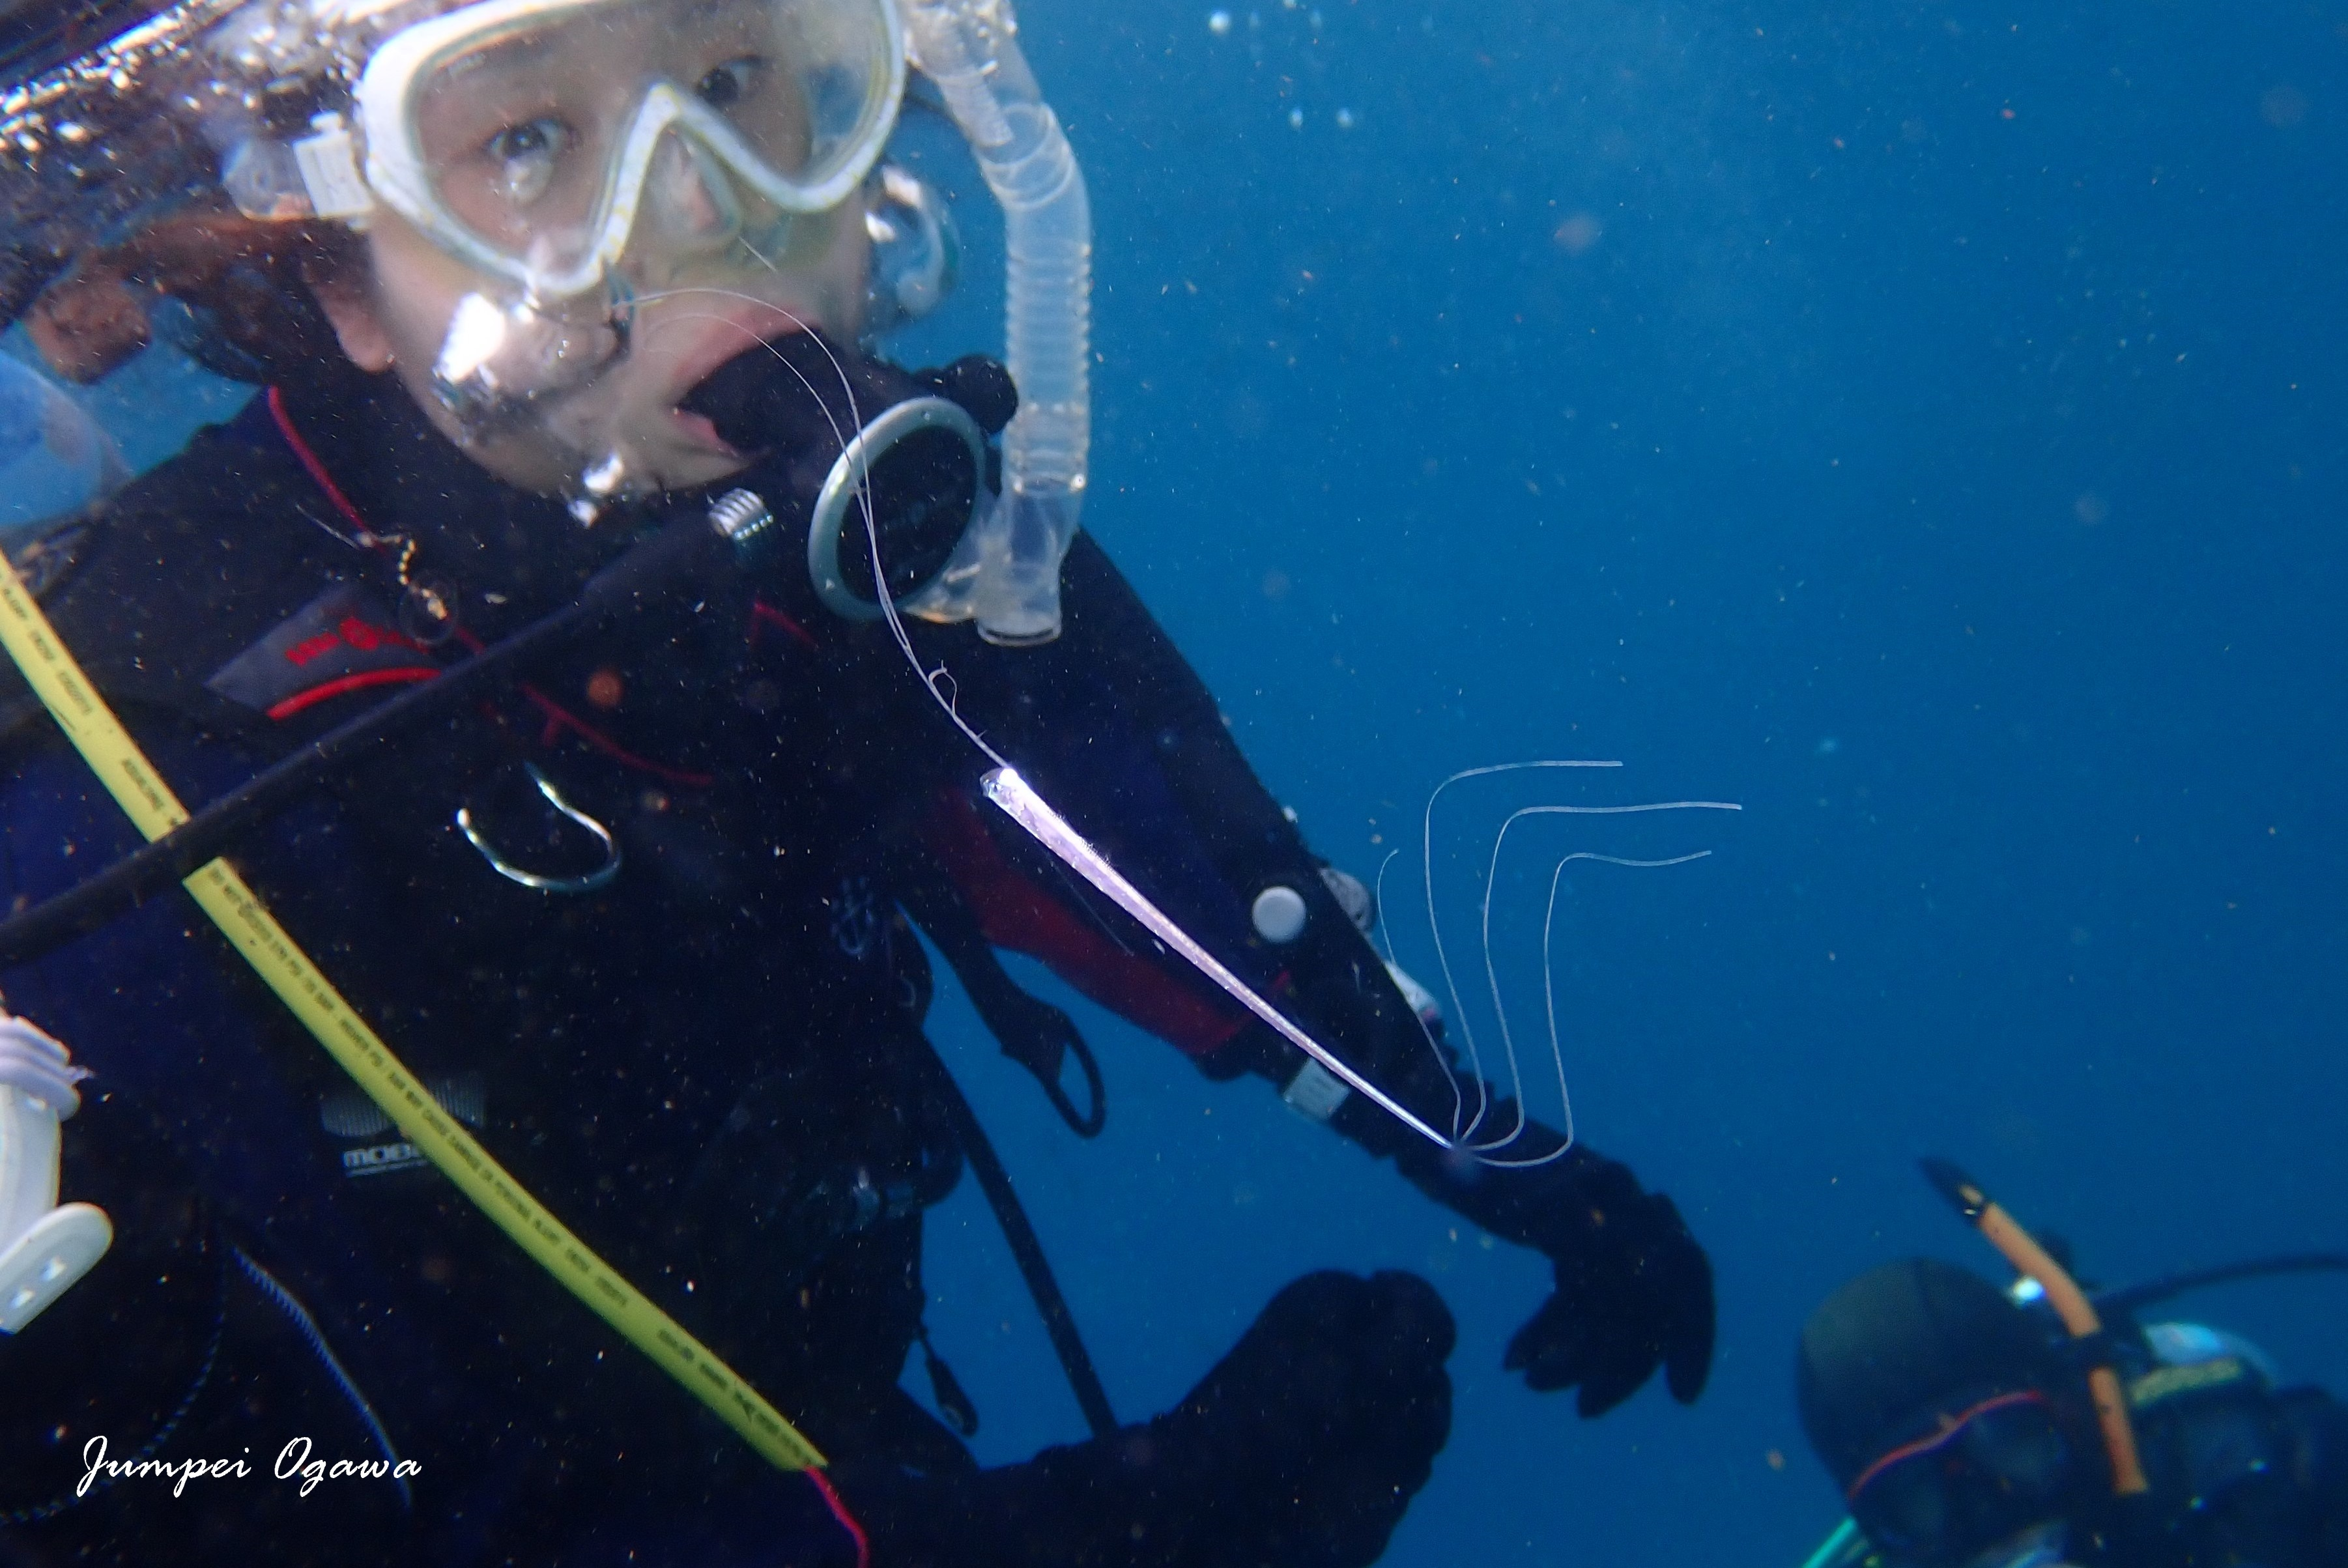 竜宮の使い,りゅうぐうのつかい,リュウグウノツカイ幼魚,リュウグウノツカイダイビング (8)